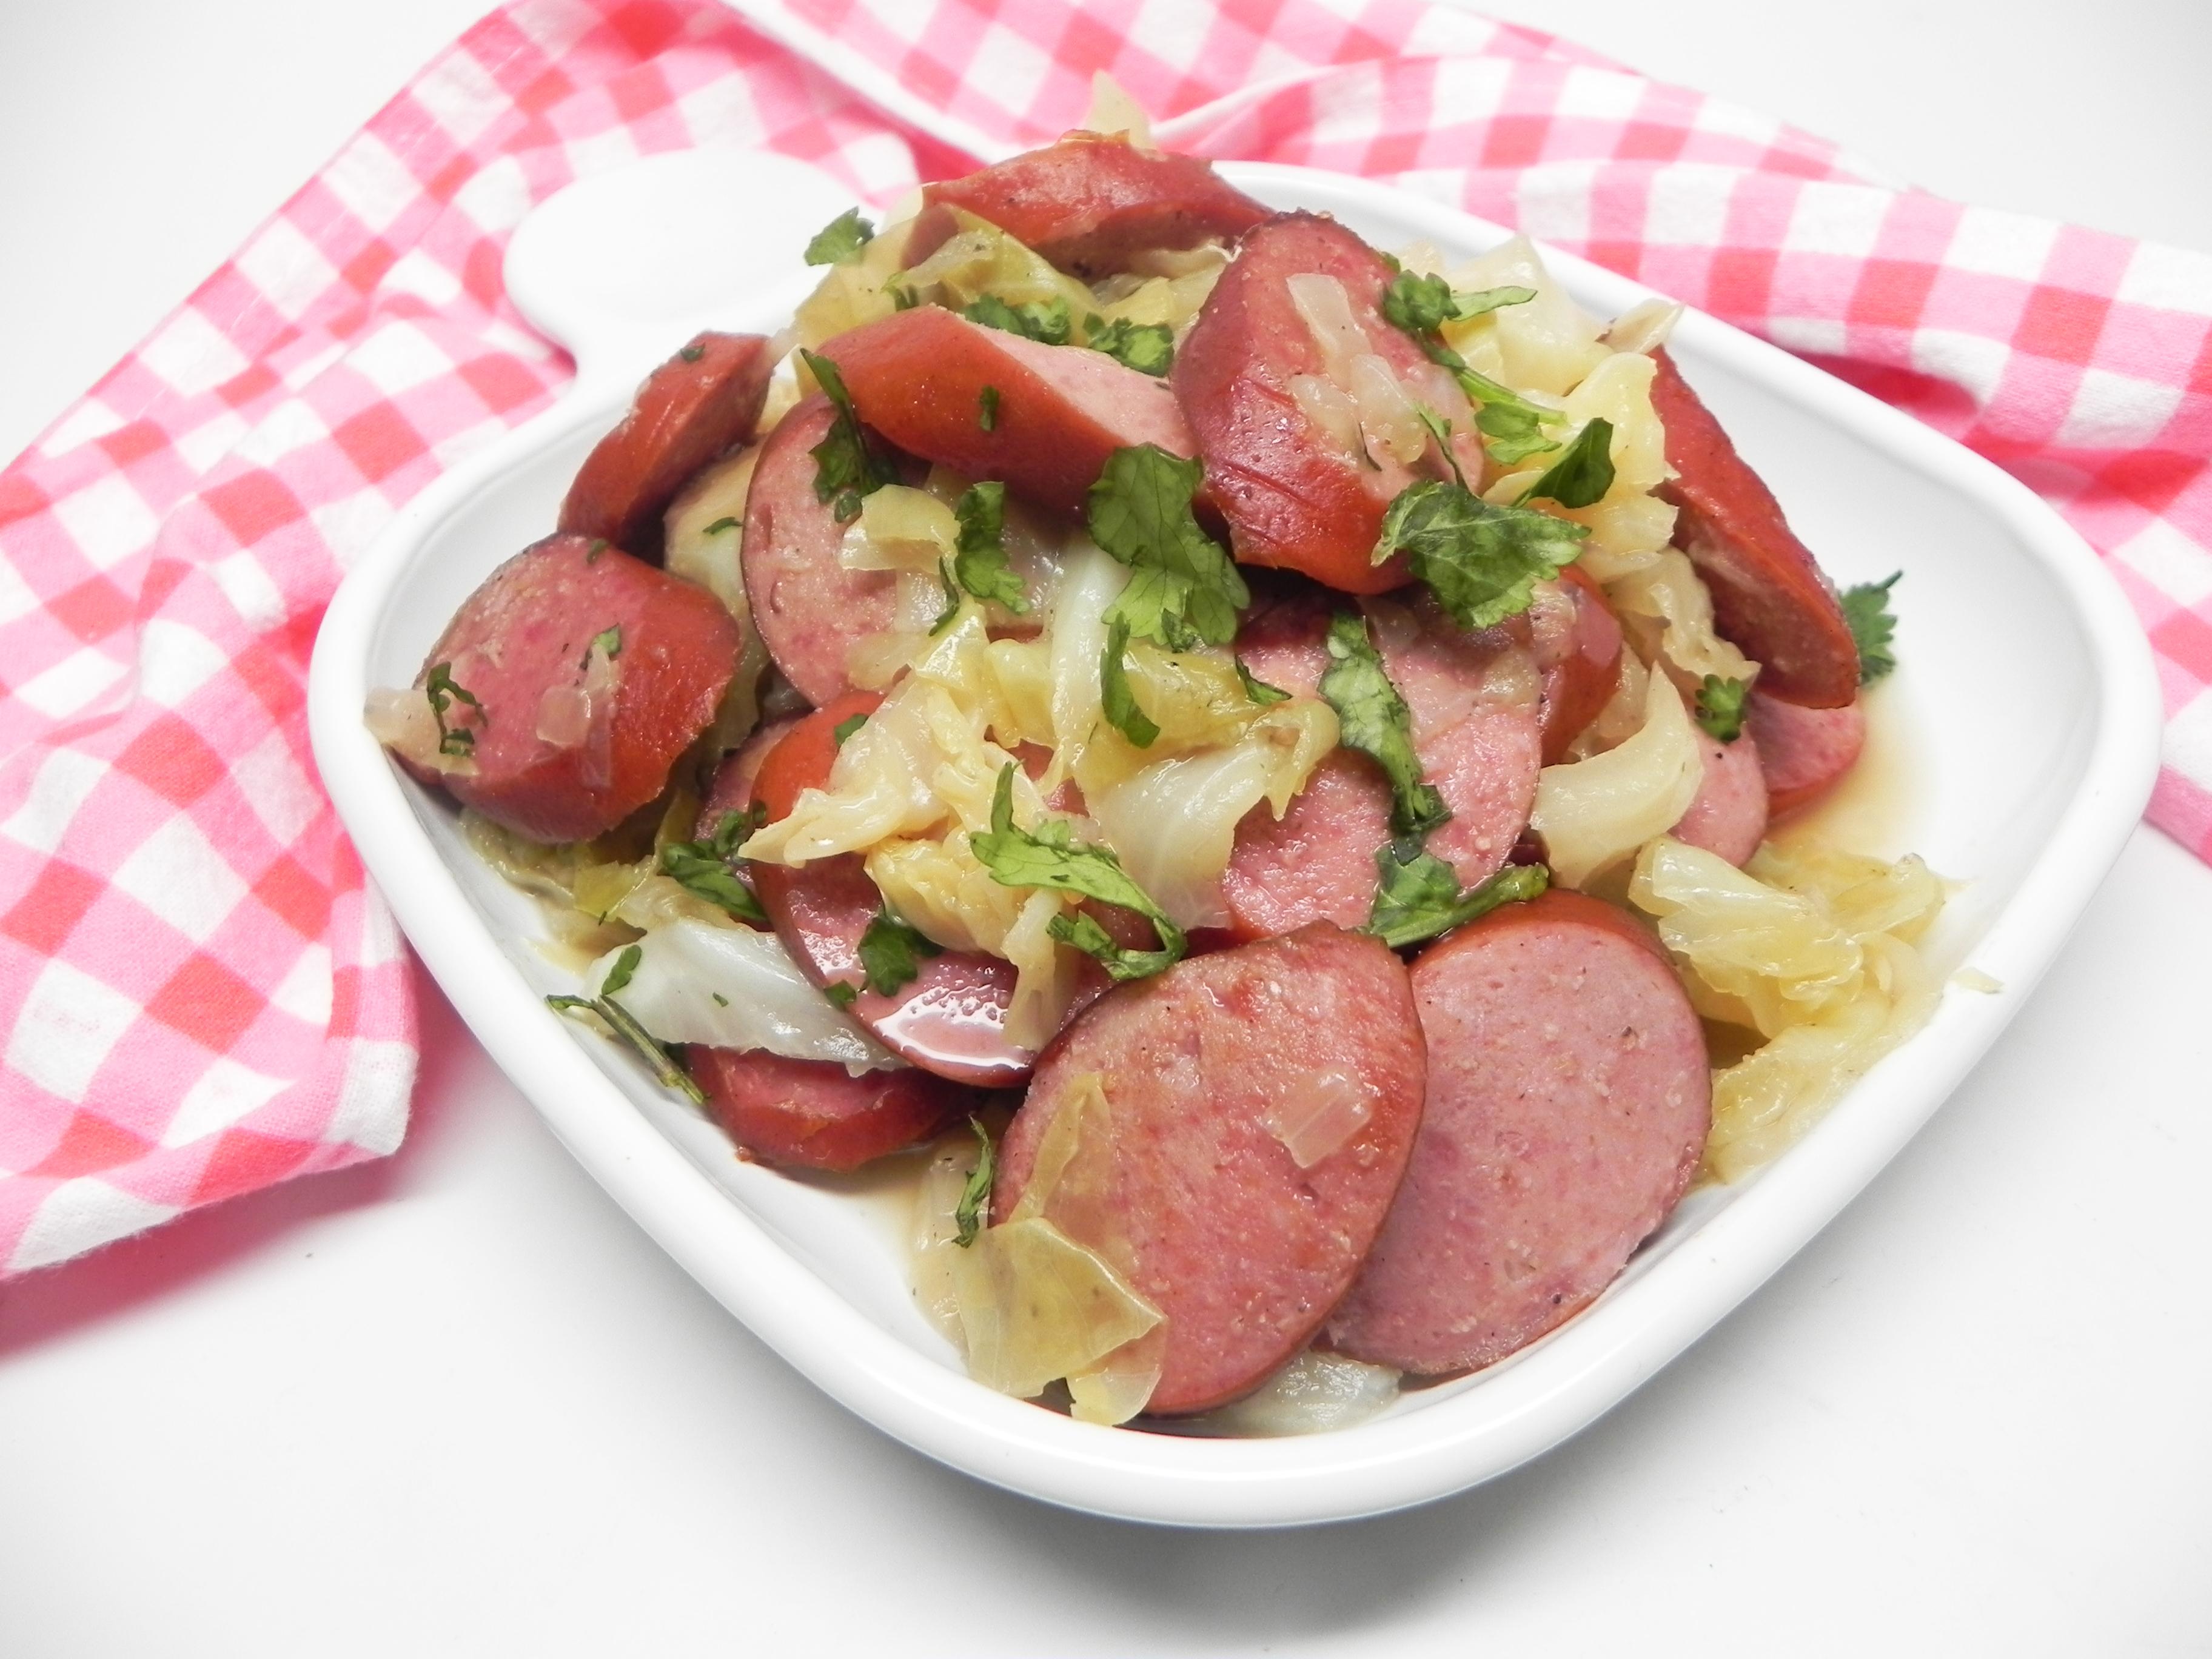 Cabbage Stir-Fry with Smoked Turkey Sausage